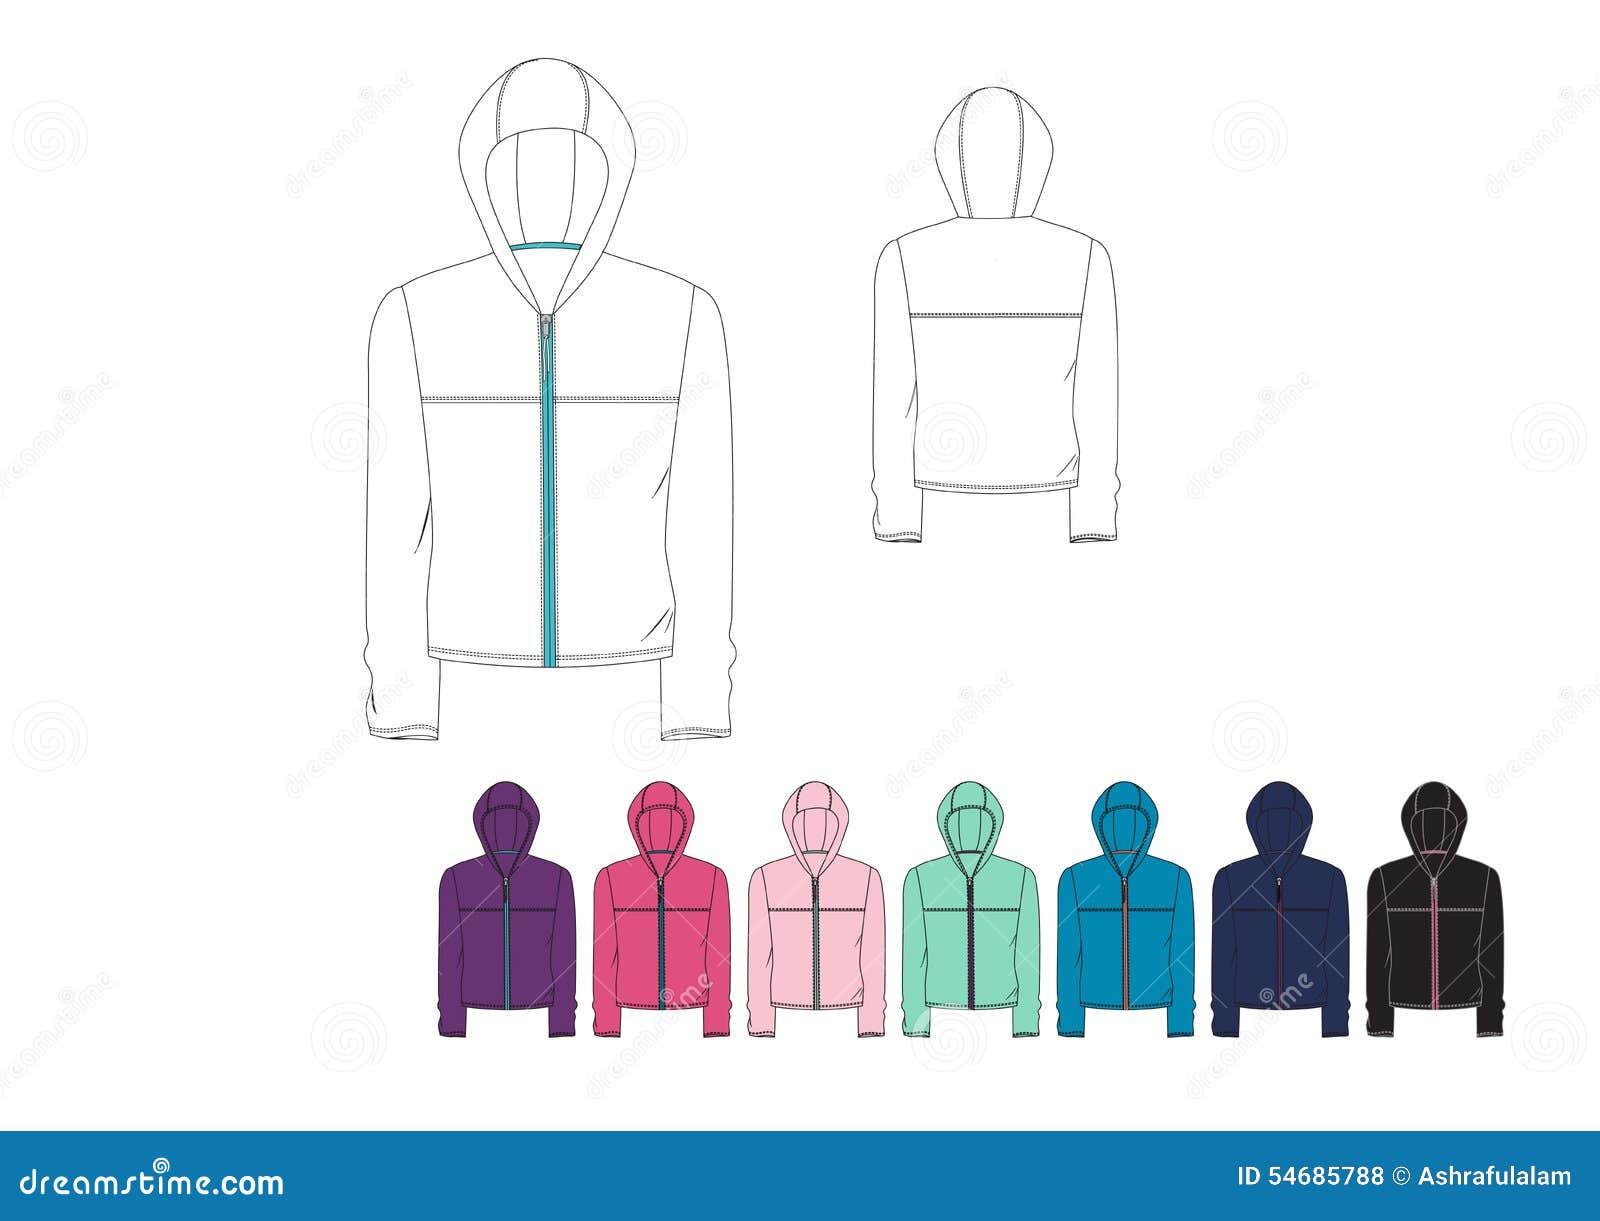 Template Of Ladies Light Weight Front Zip Hood Jacket Design